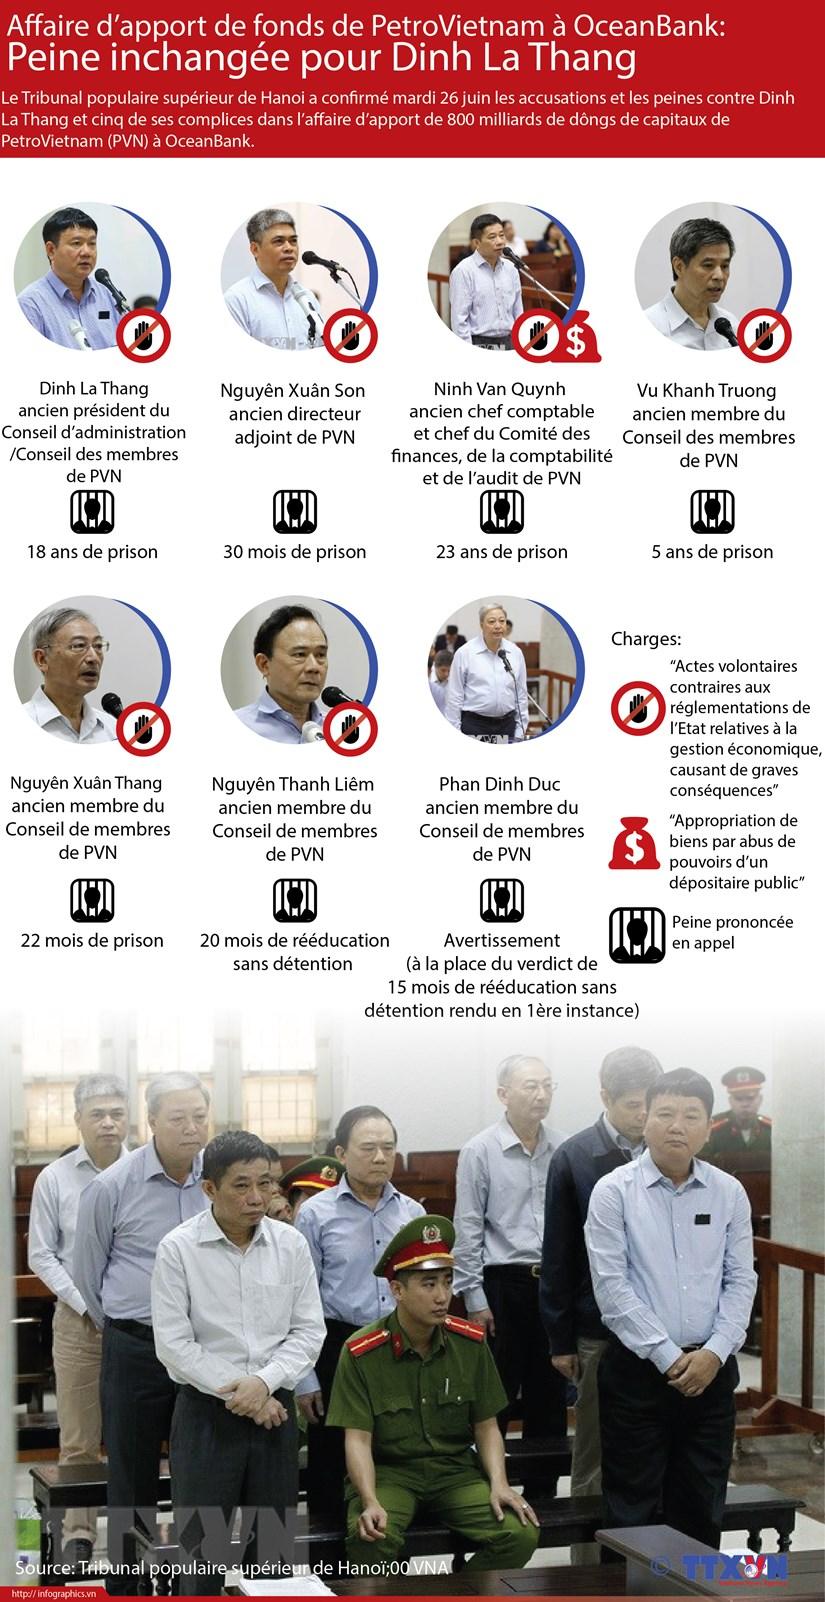 Affaire d'apport de fonds de PVN a OCB: Peine confoirmee pour Dinh La Thang hinh anh 1